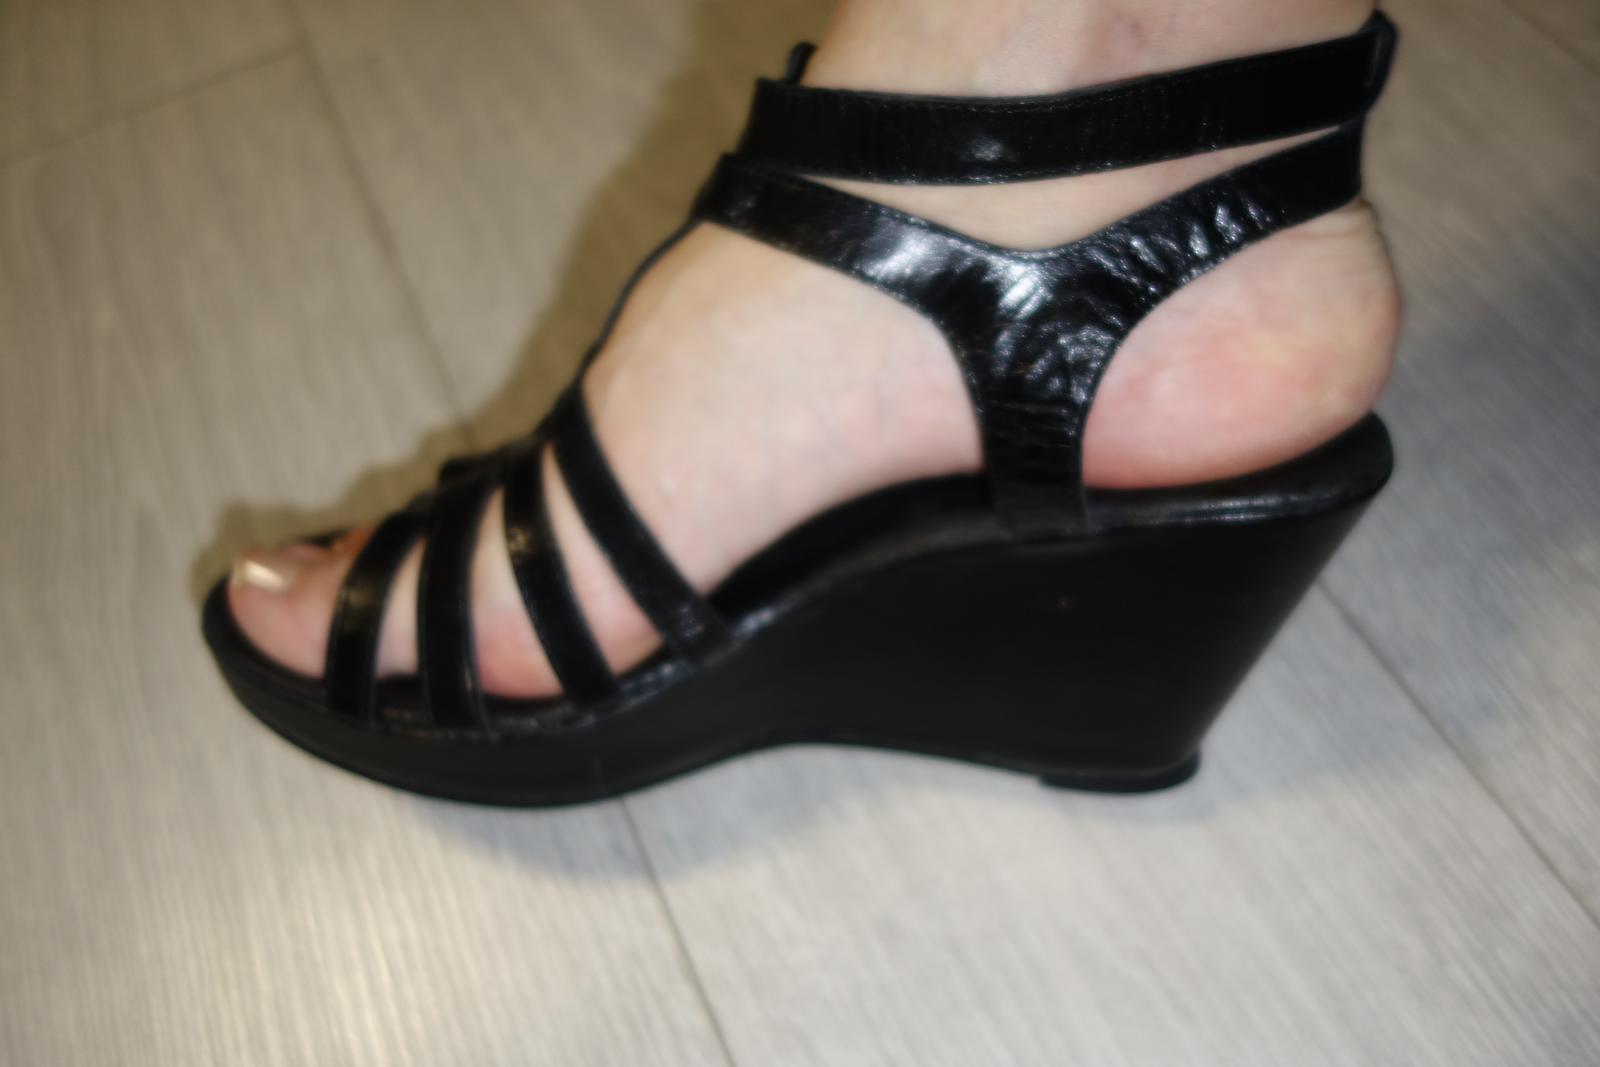 Čierne kožené sandále značky Emma  - Obrázok č. 2